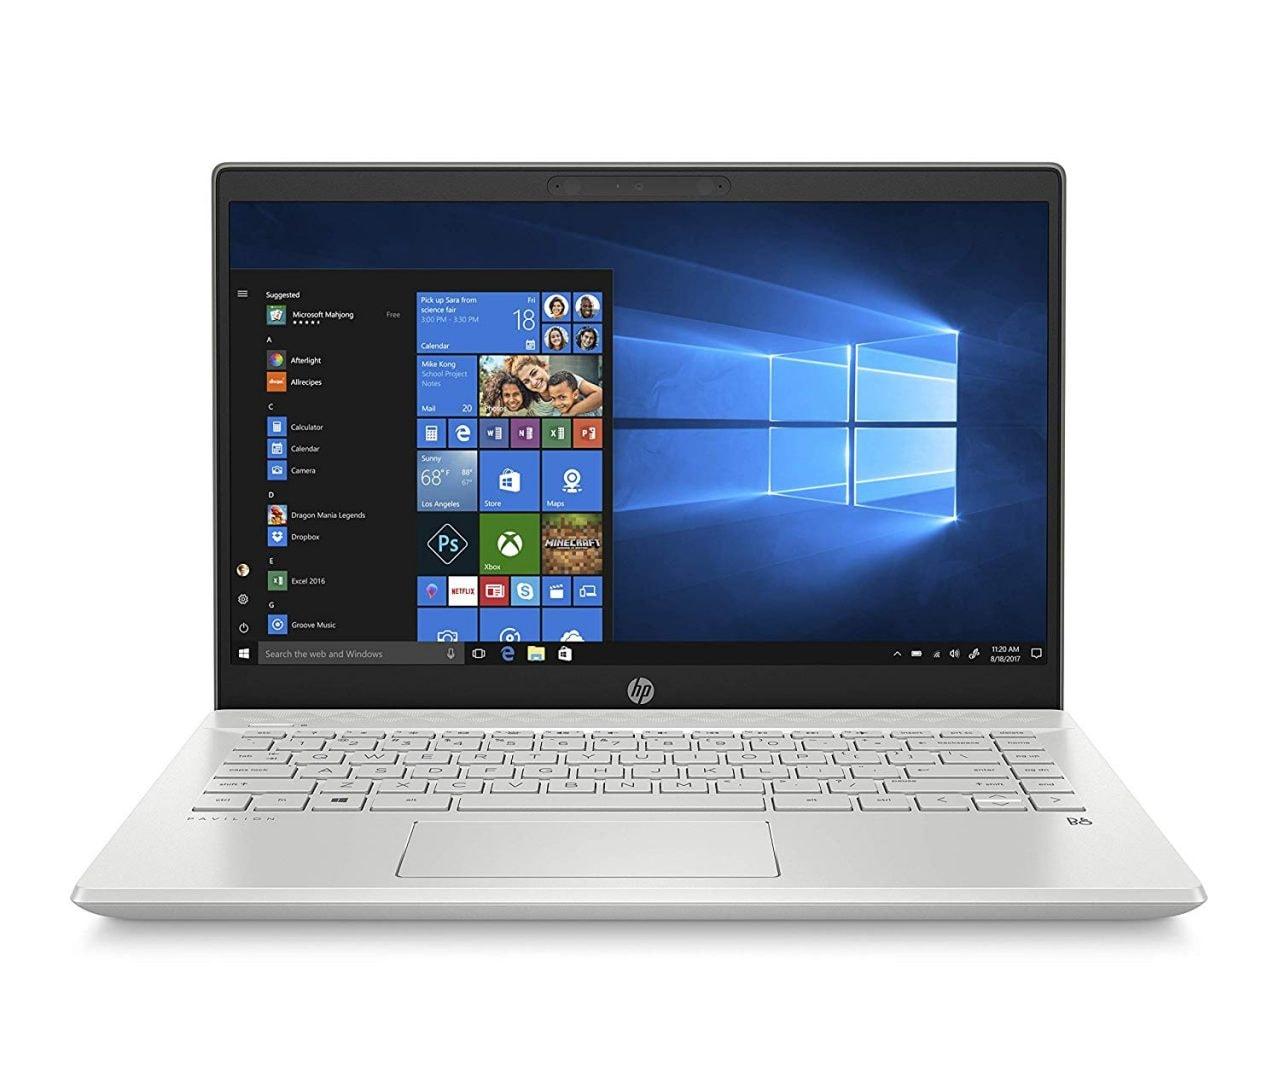 """Buon prezzo per questo notebook HP Pavilion da 14"""", scontato di 200€ su Amazon"""